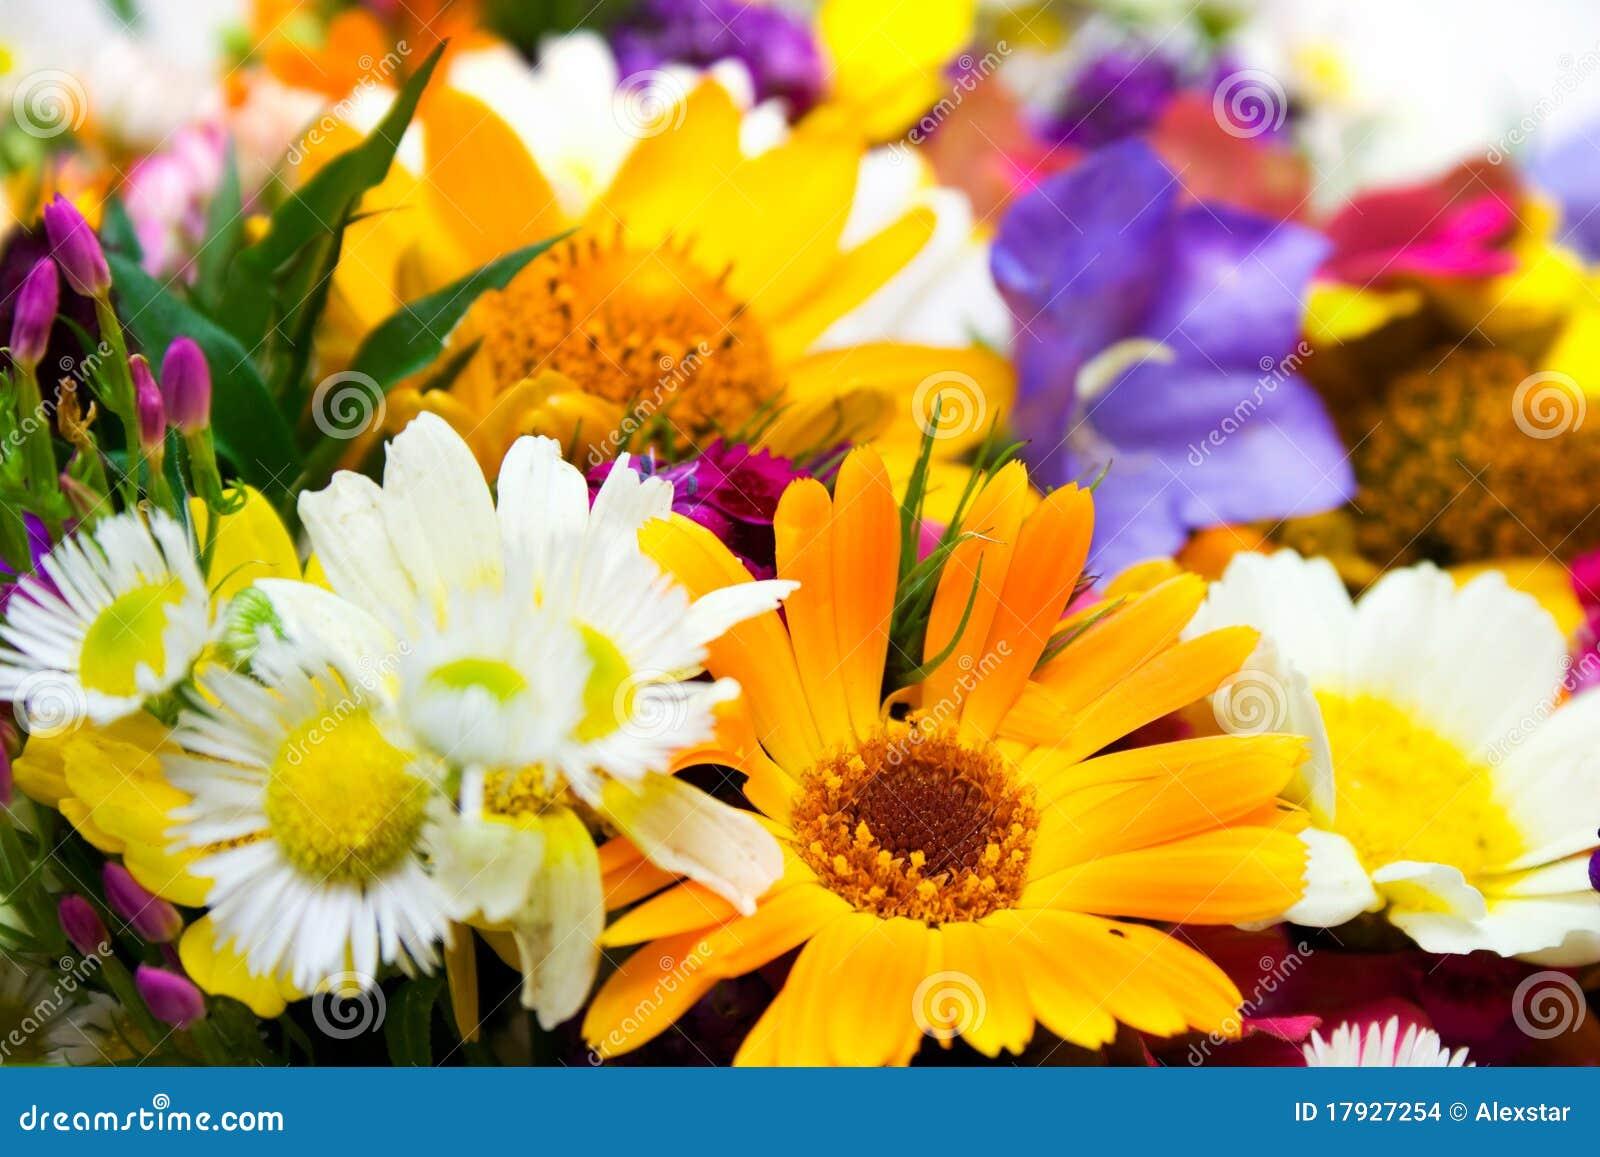 Frühling blüht Blumenstrauß